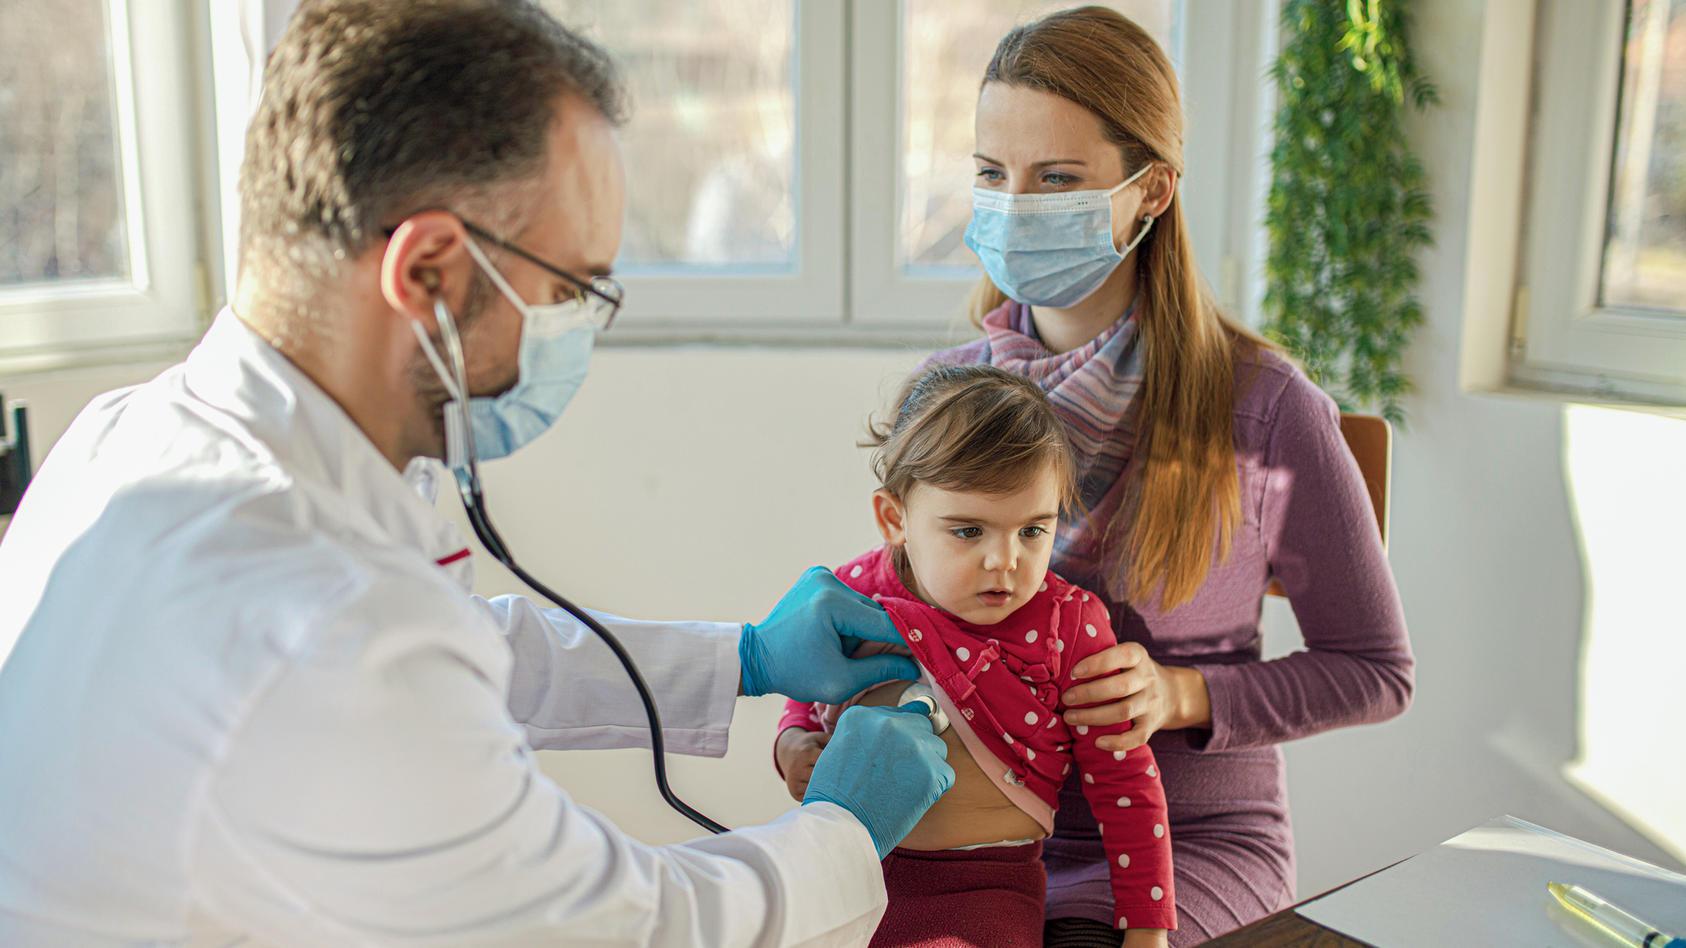 Wenn beim Kind ein Arztbesuch ansteht, liegt dieser häufig in der Arbeitszeit der Eltern.